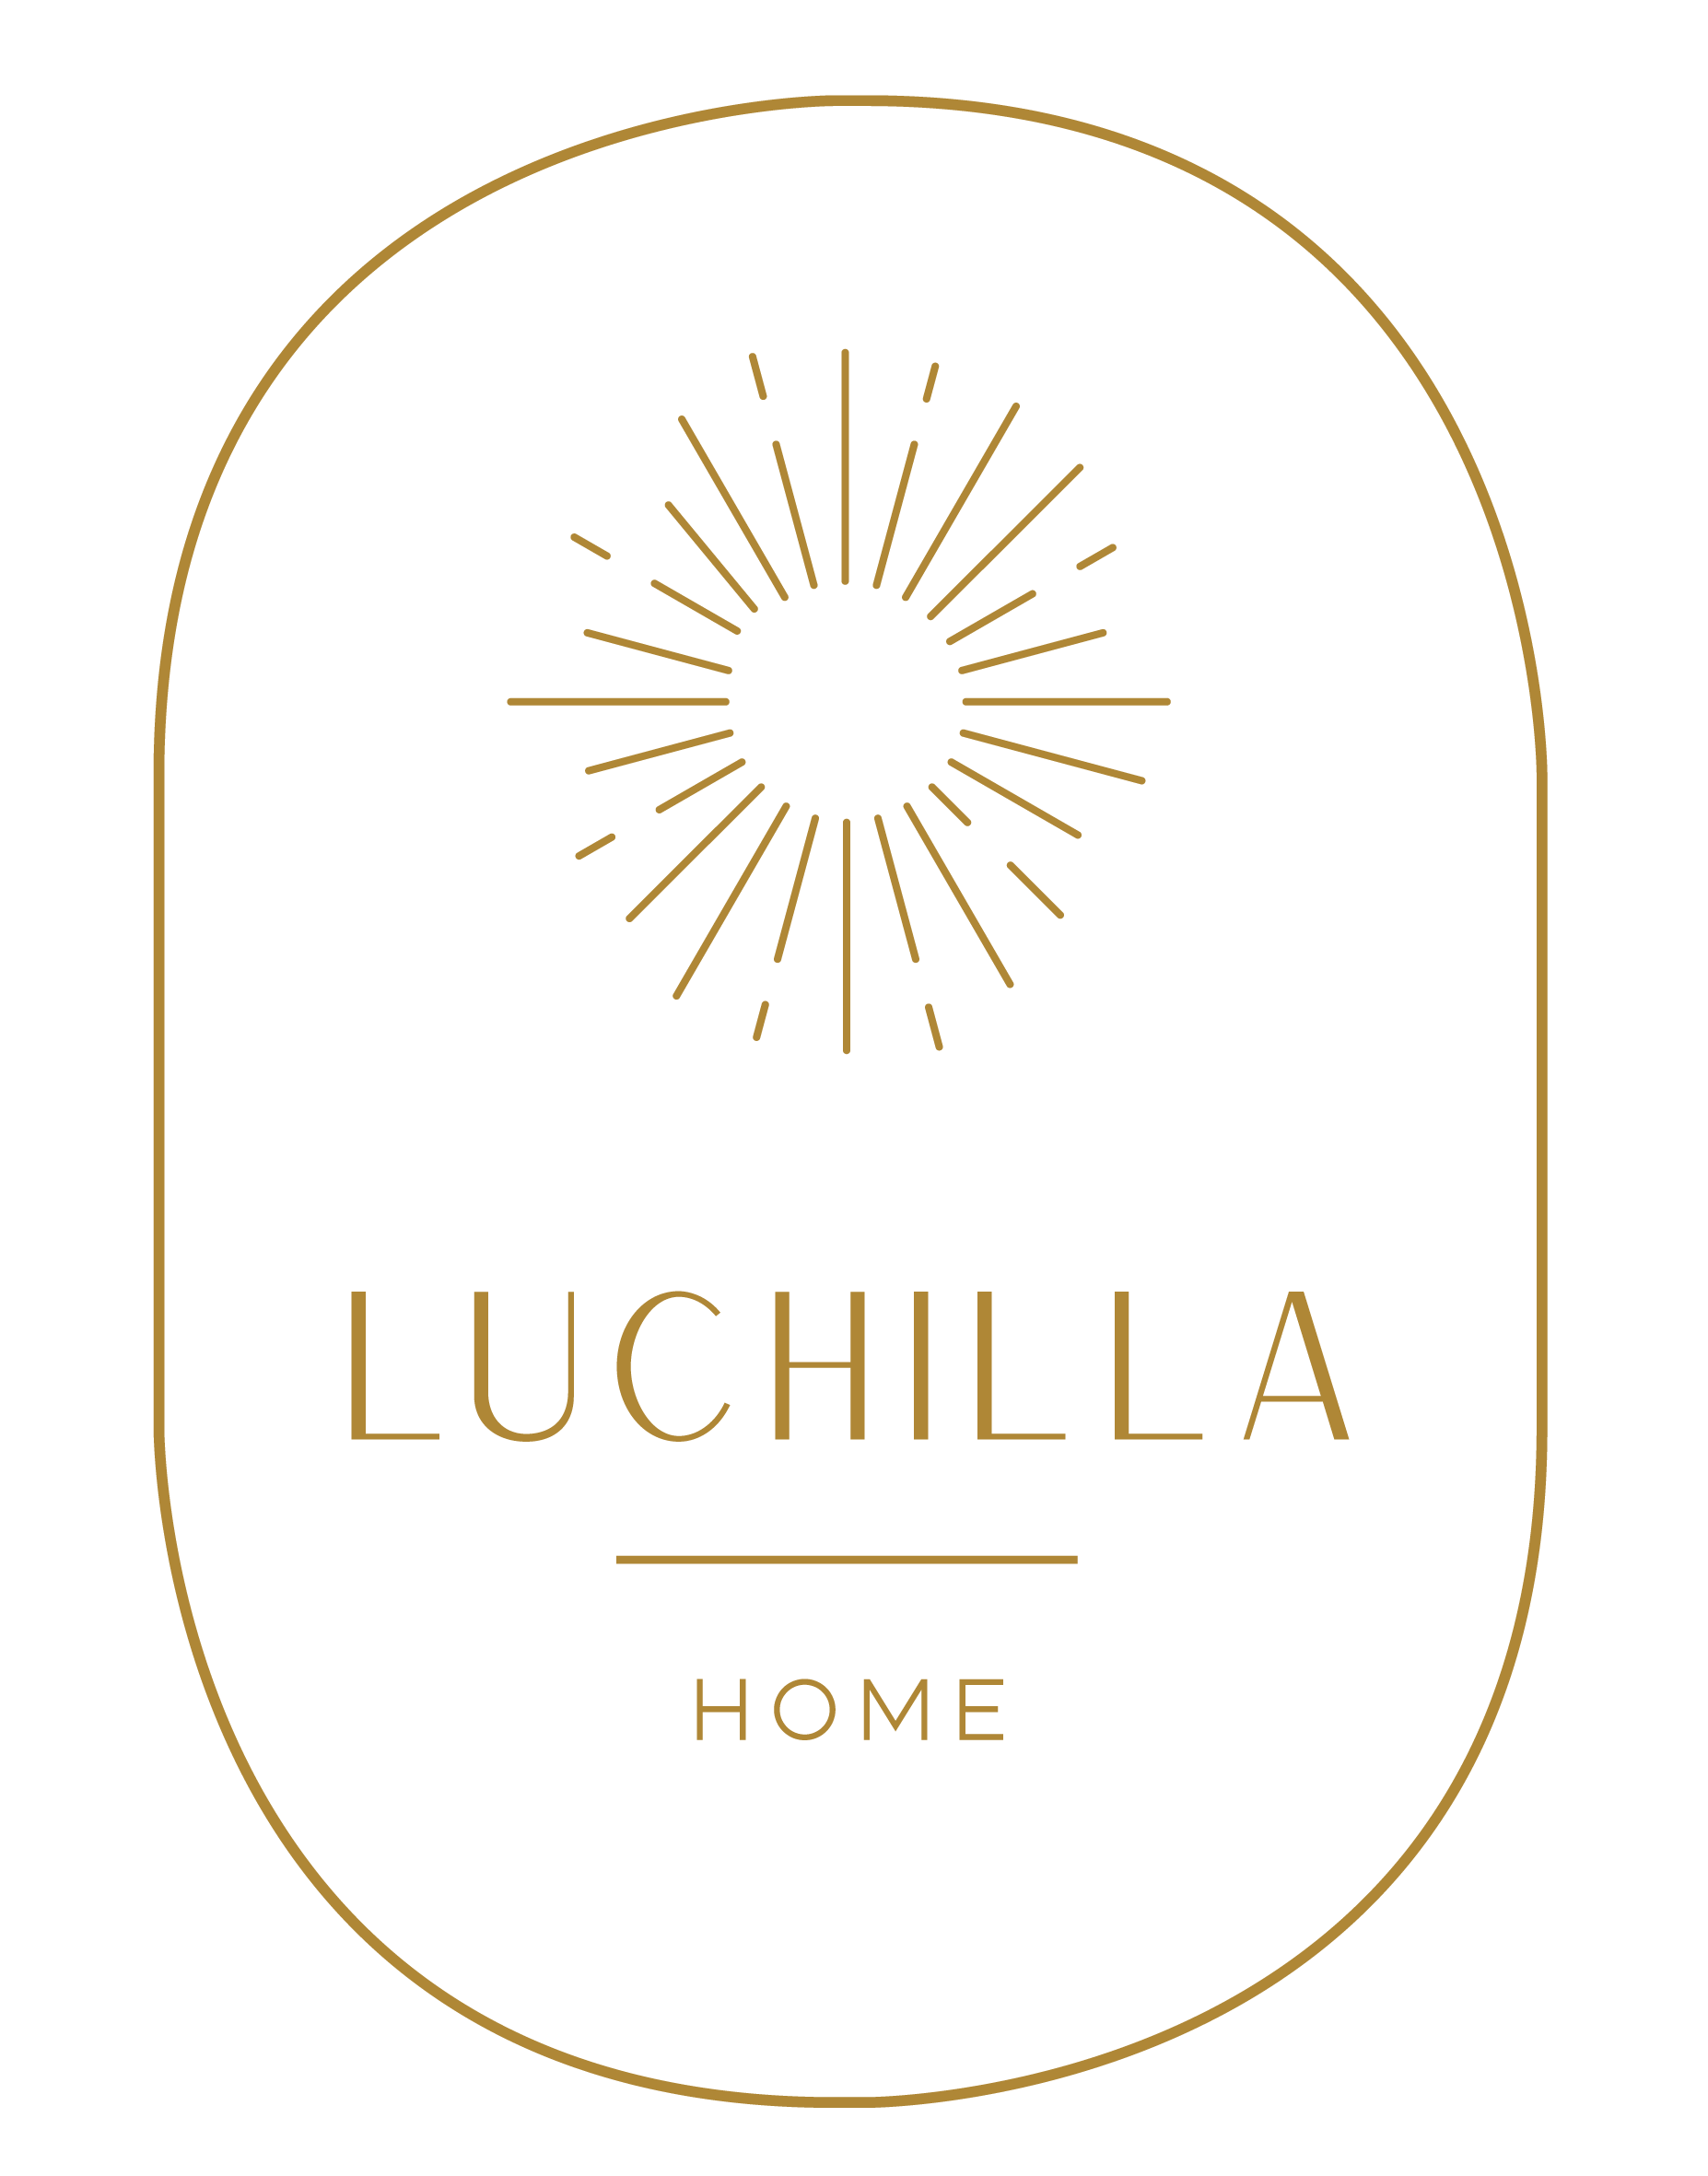 Luchilla